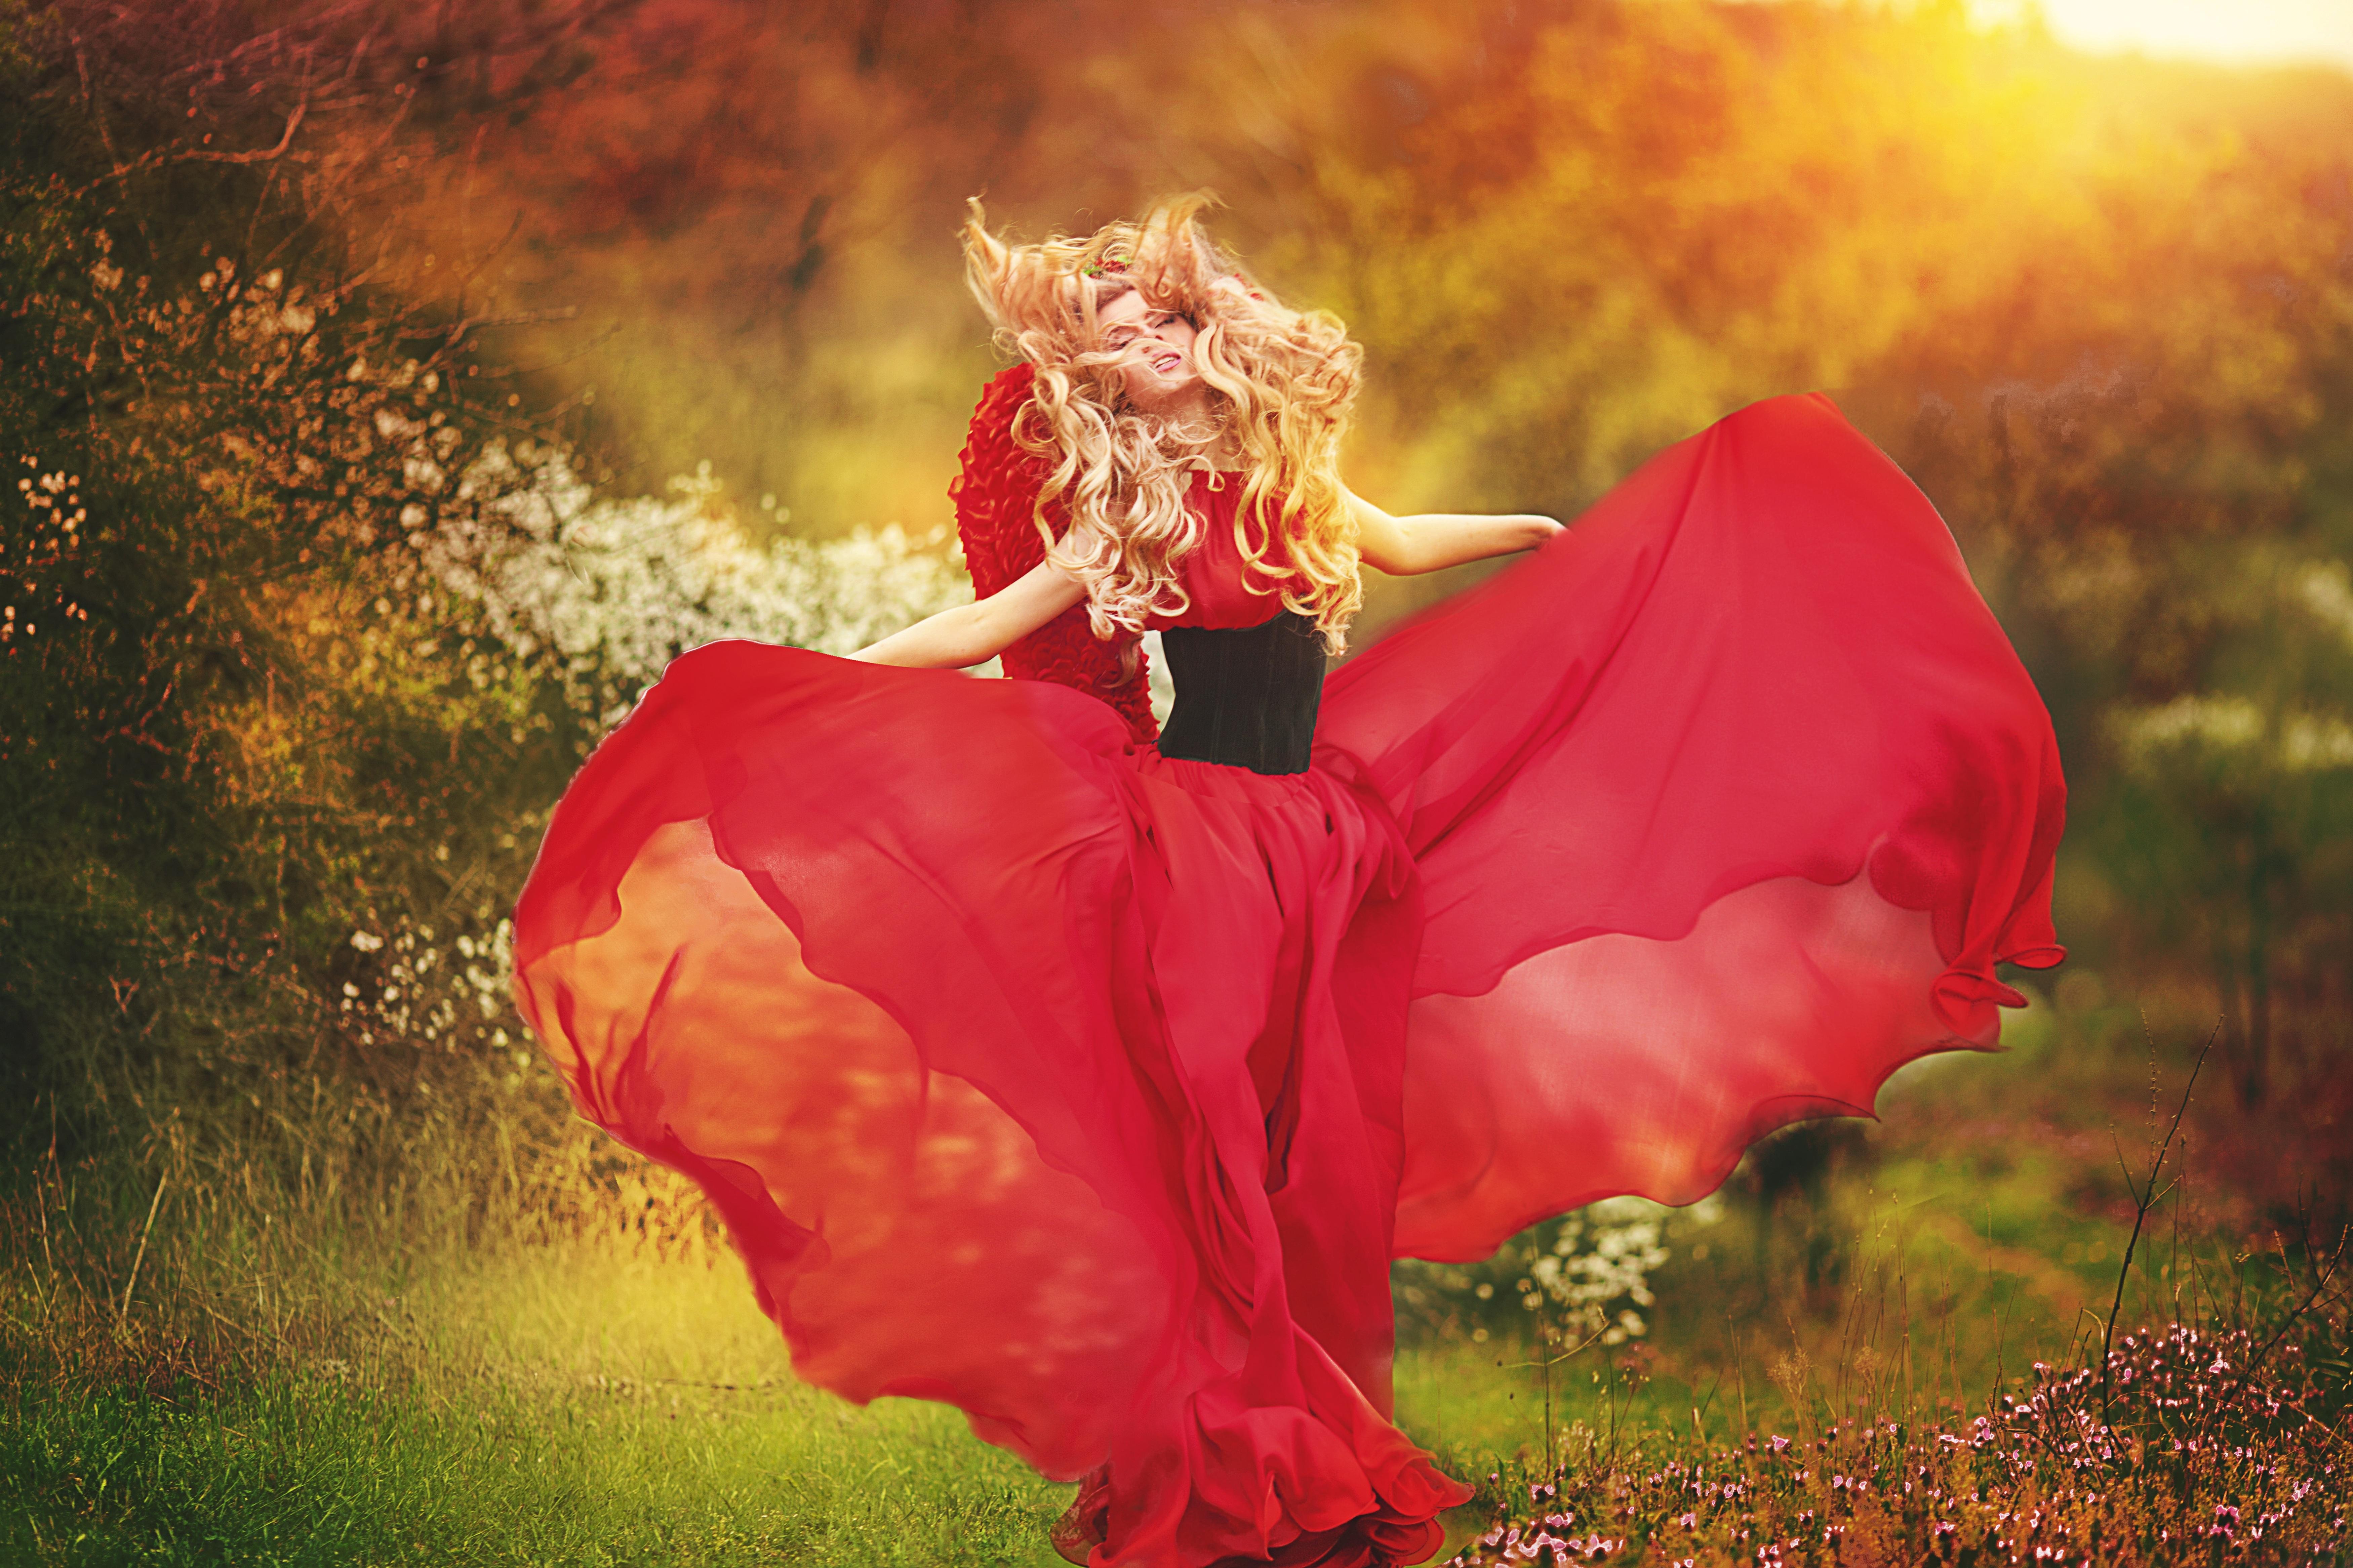 храп мужа девушка танцует в красном платье на природе приезде, надеется, что